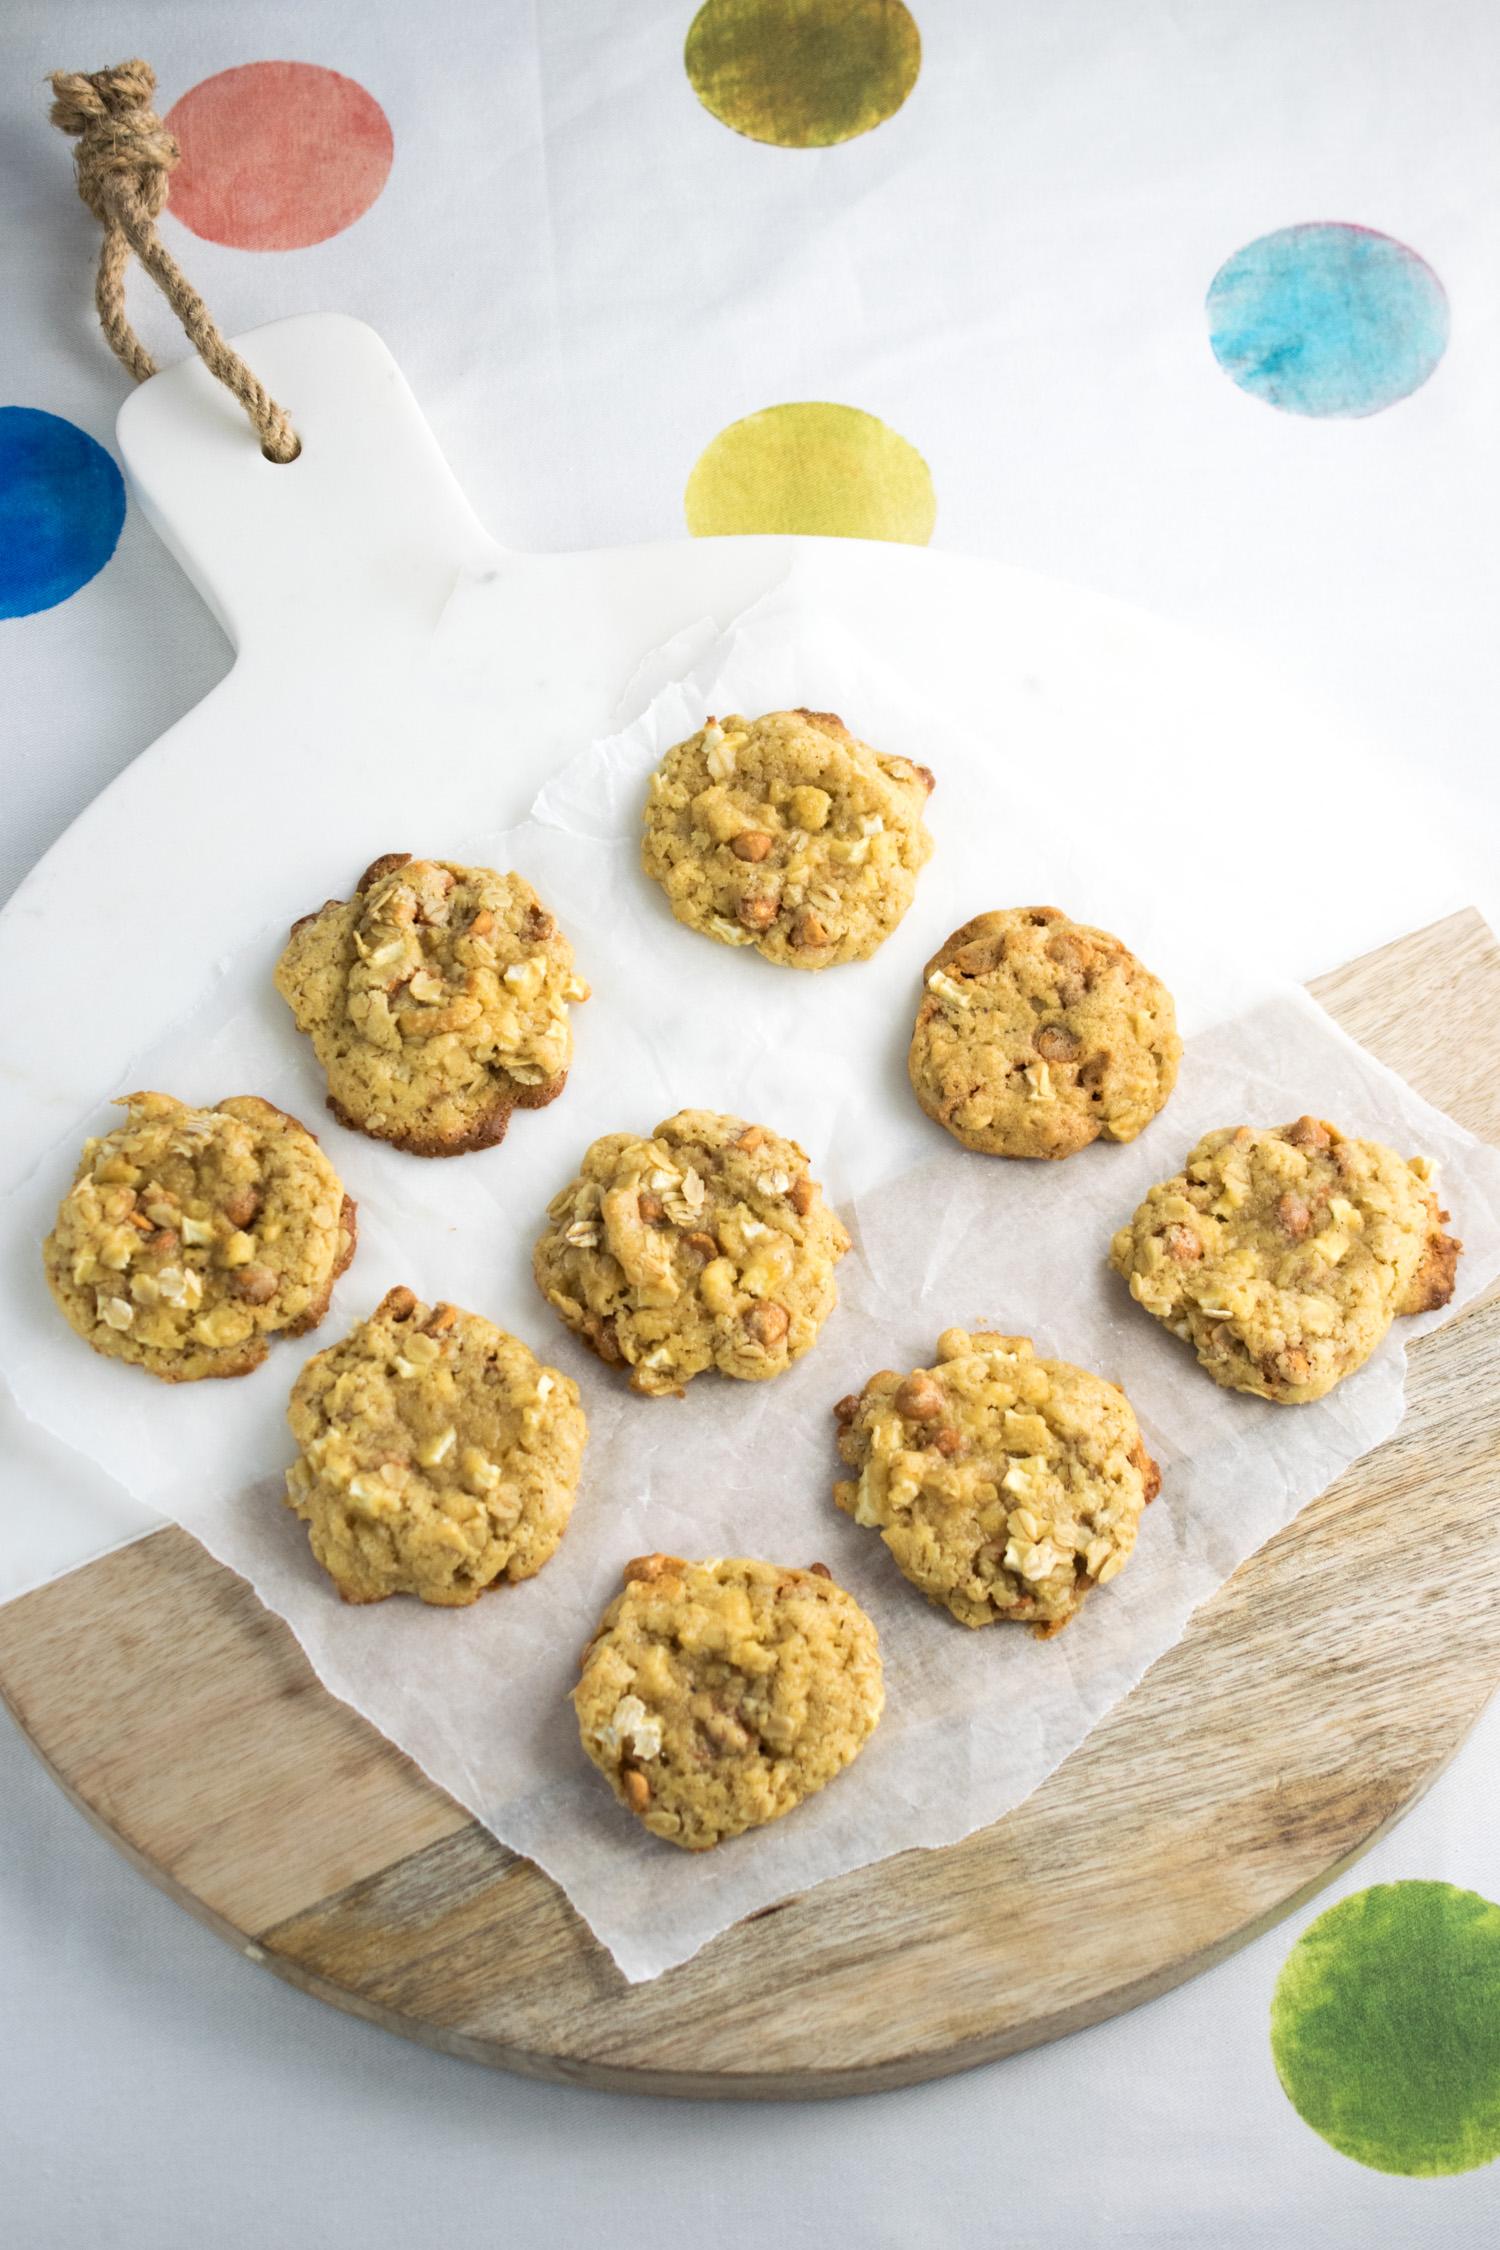 toffee-apple-cookies-2